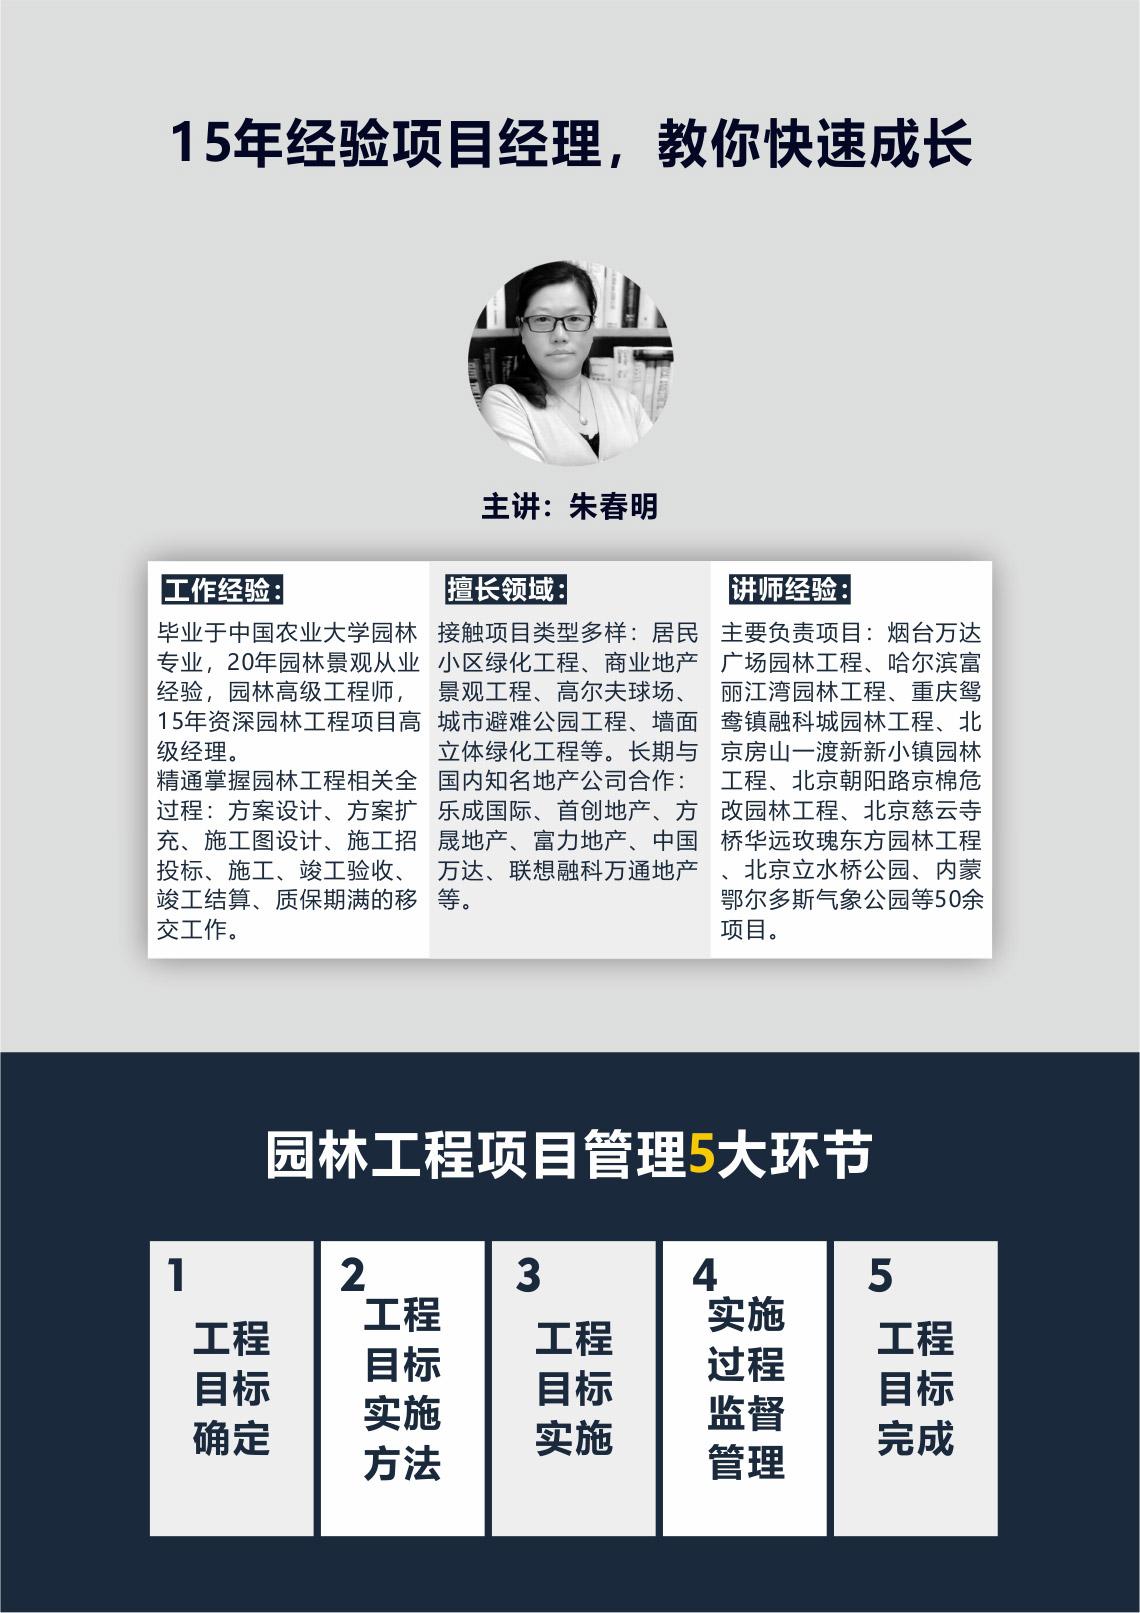 朱春明老师拥有丰富的园林景观施工经验,负责过北京等城市的公建及住宅项目,拥有知名地产公司经验,认真负责。